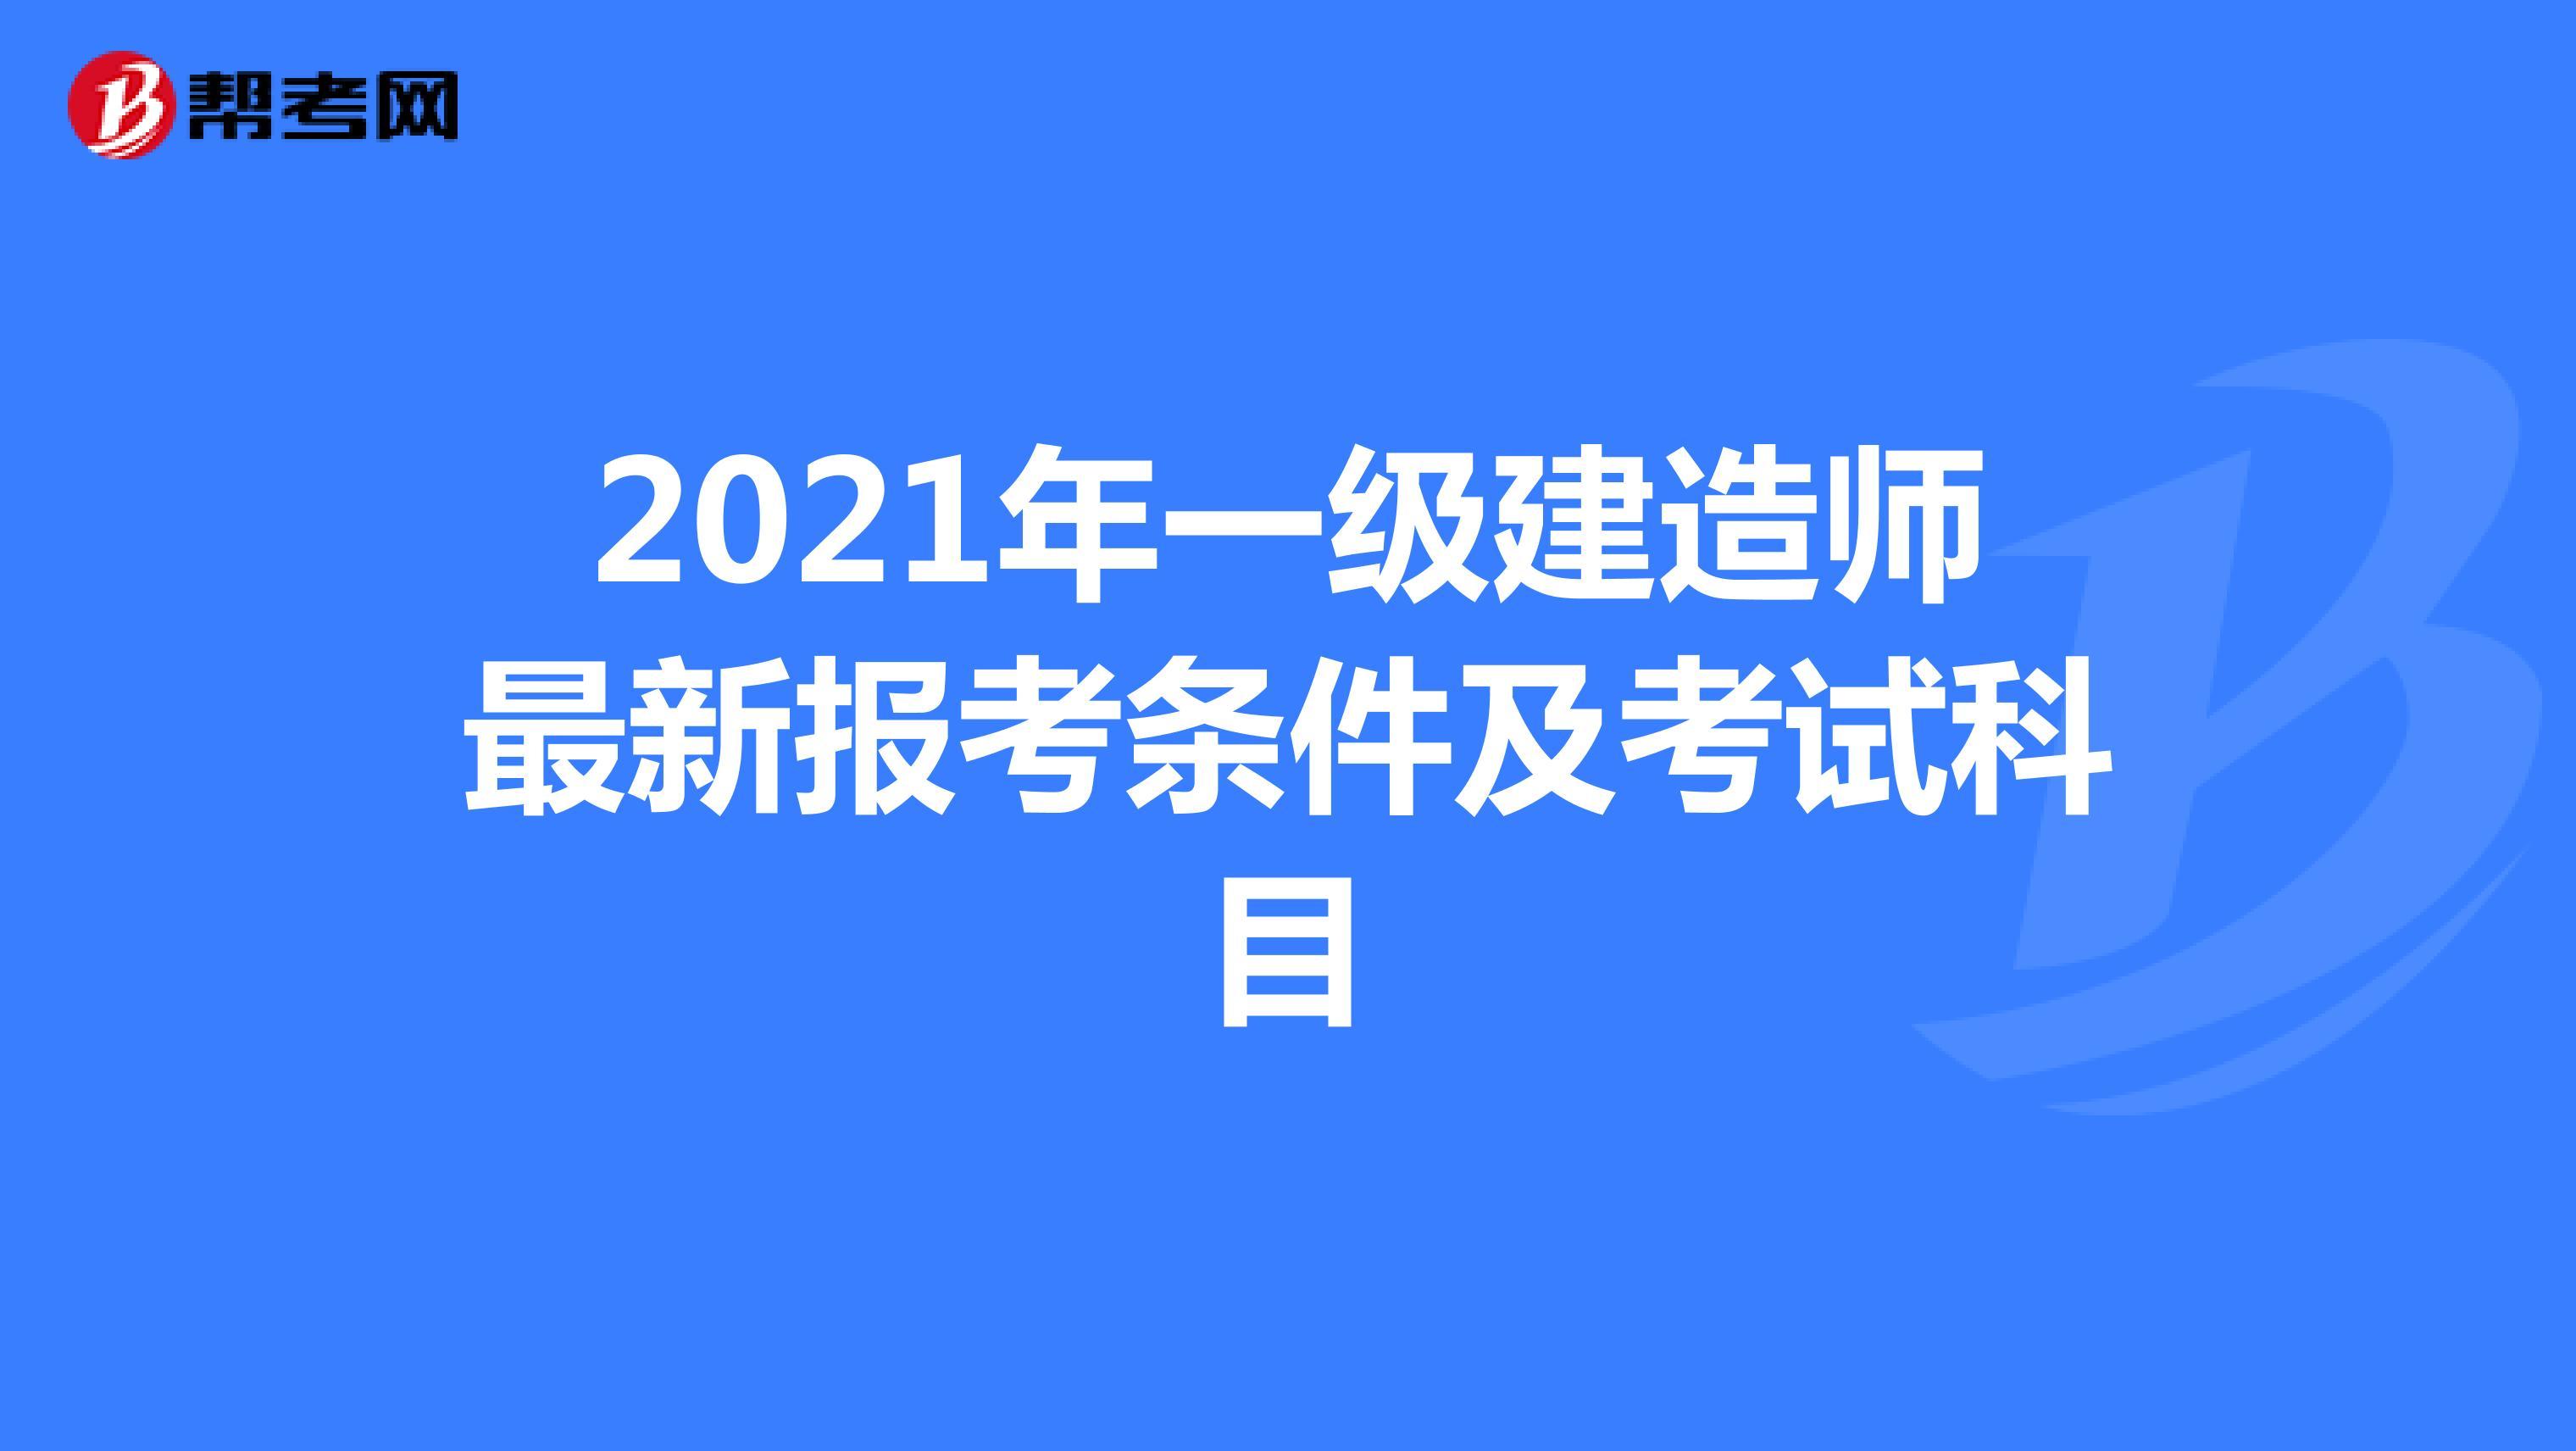 2021年一级建造师最新报考条件及考试科目